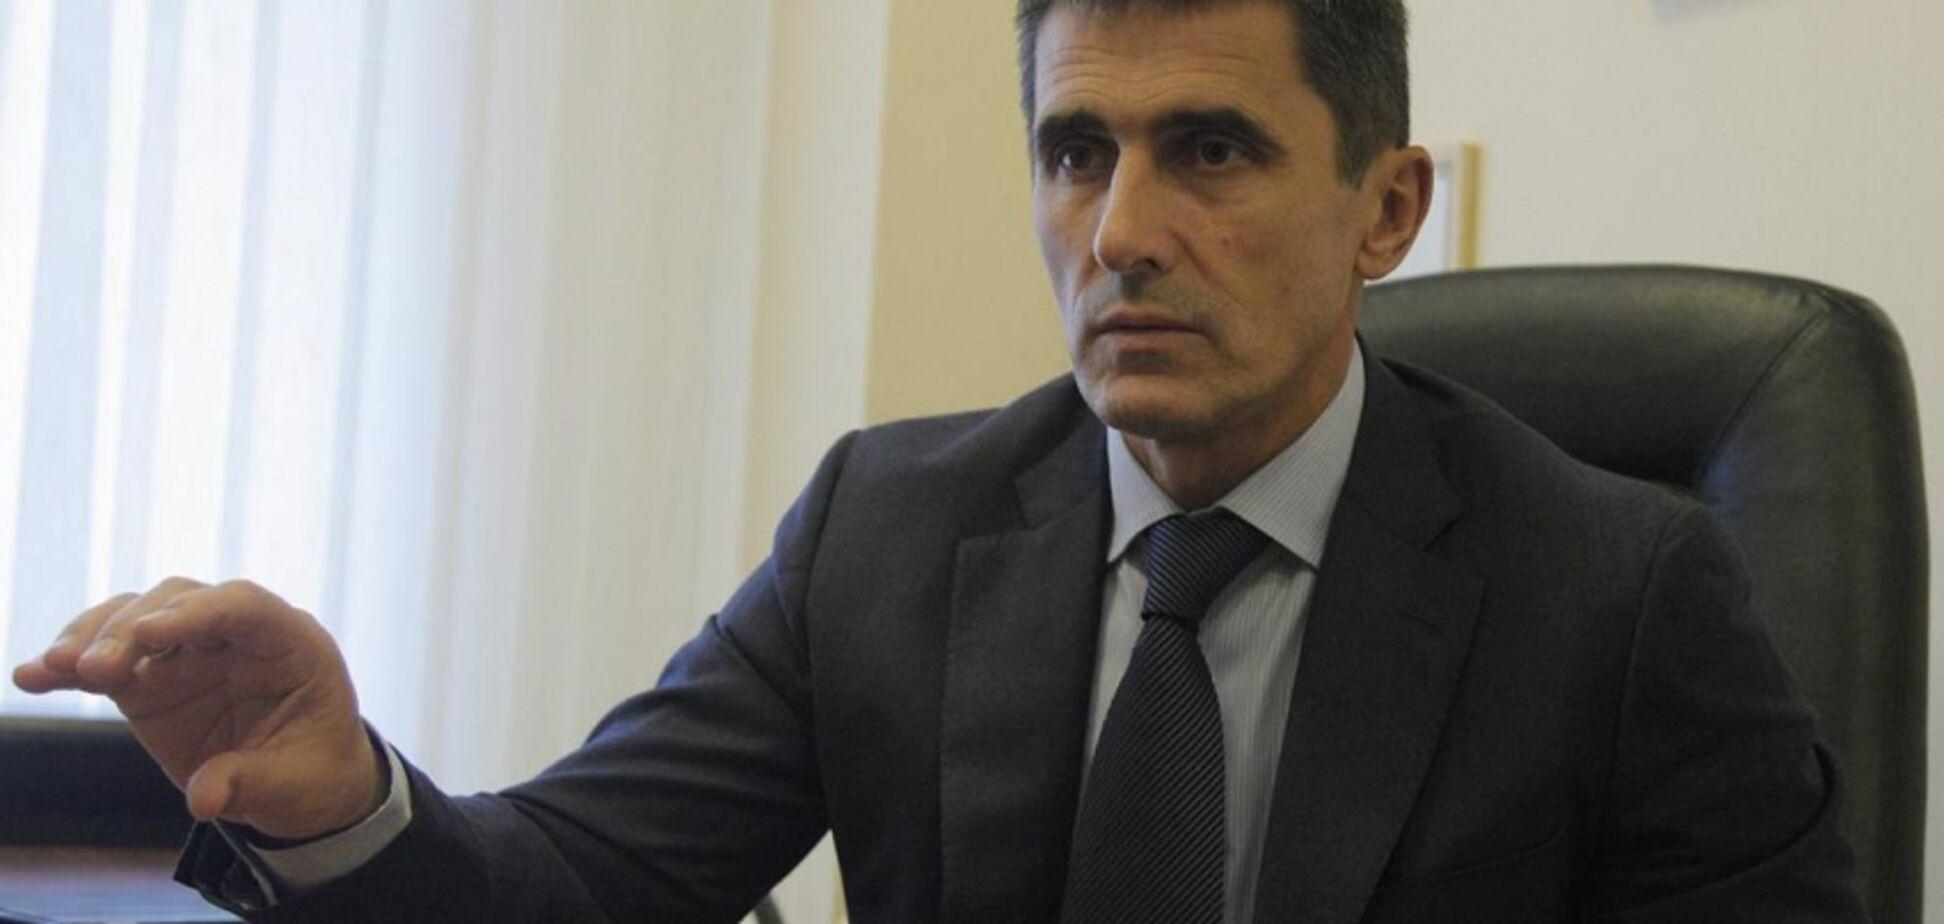 Оформили ФОП: з'явилися подробиці про бізнес колишнього генпрокурора і його сина